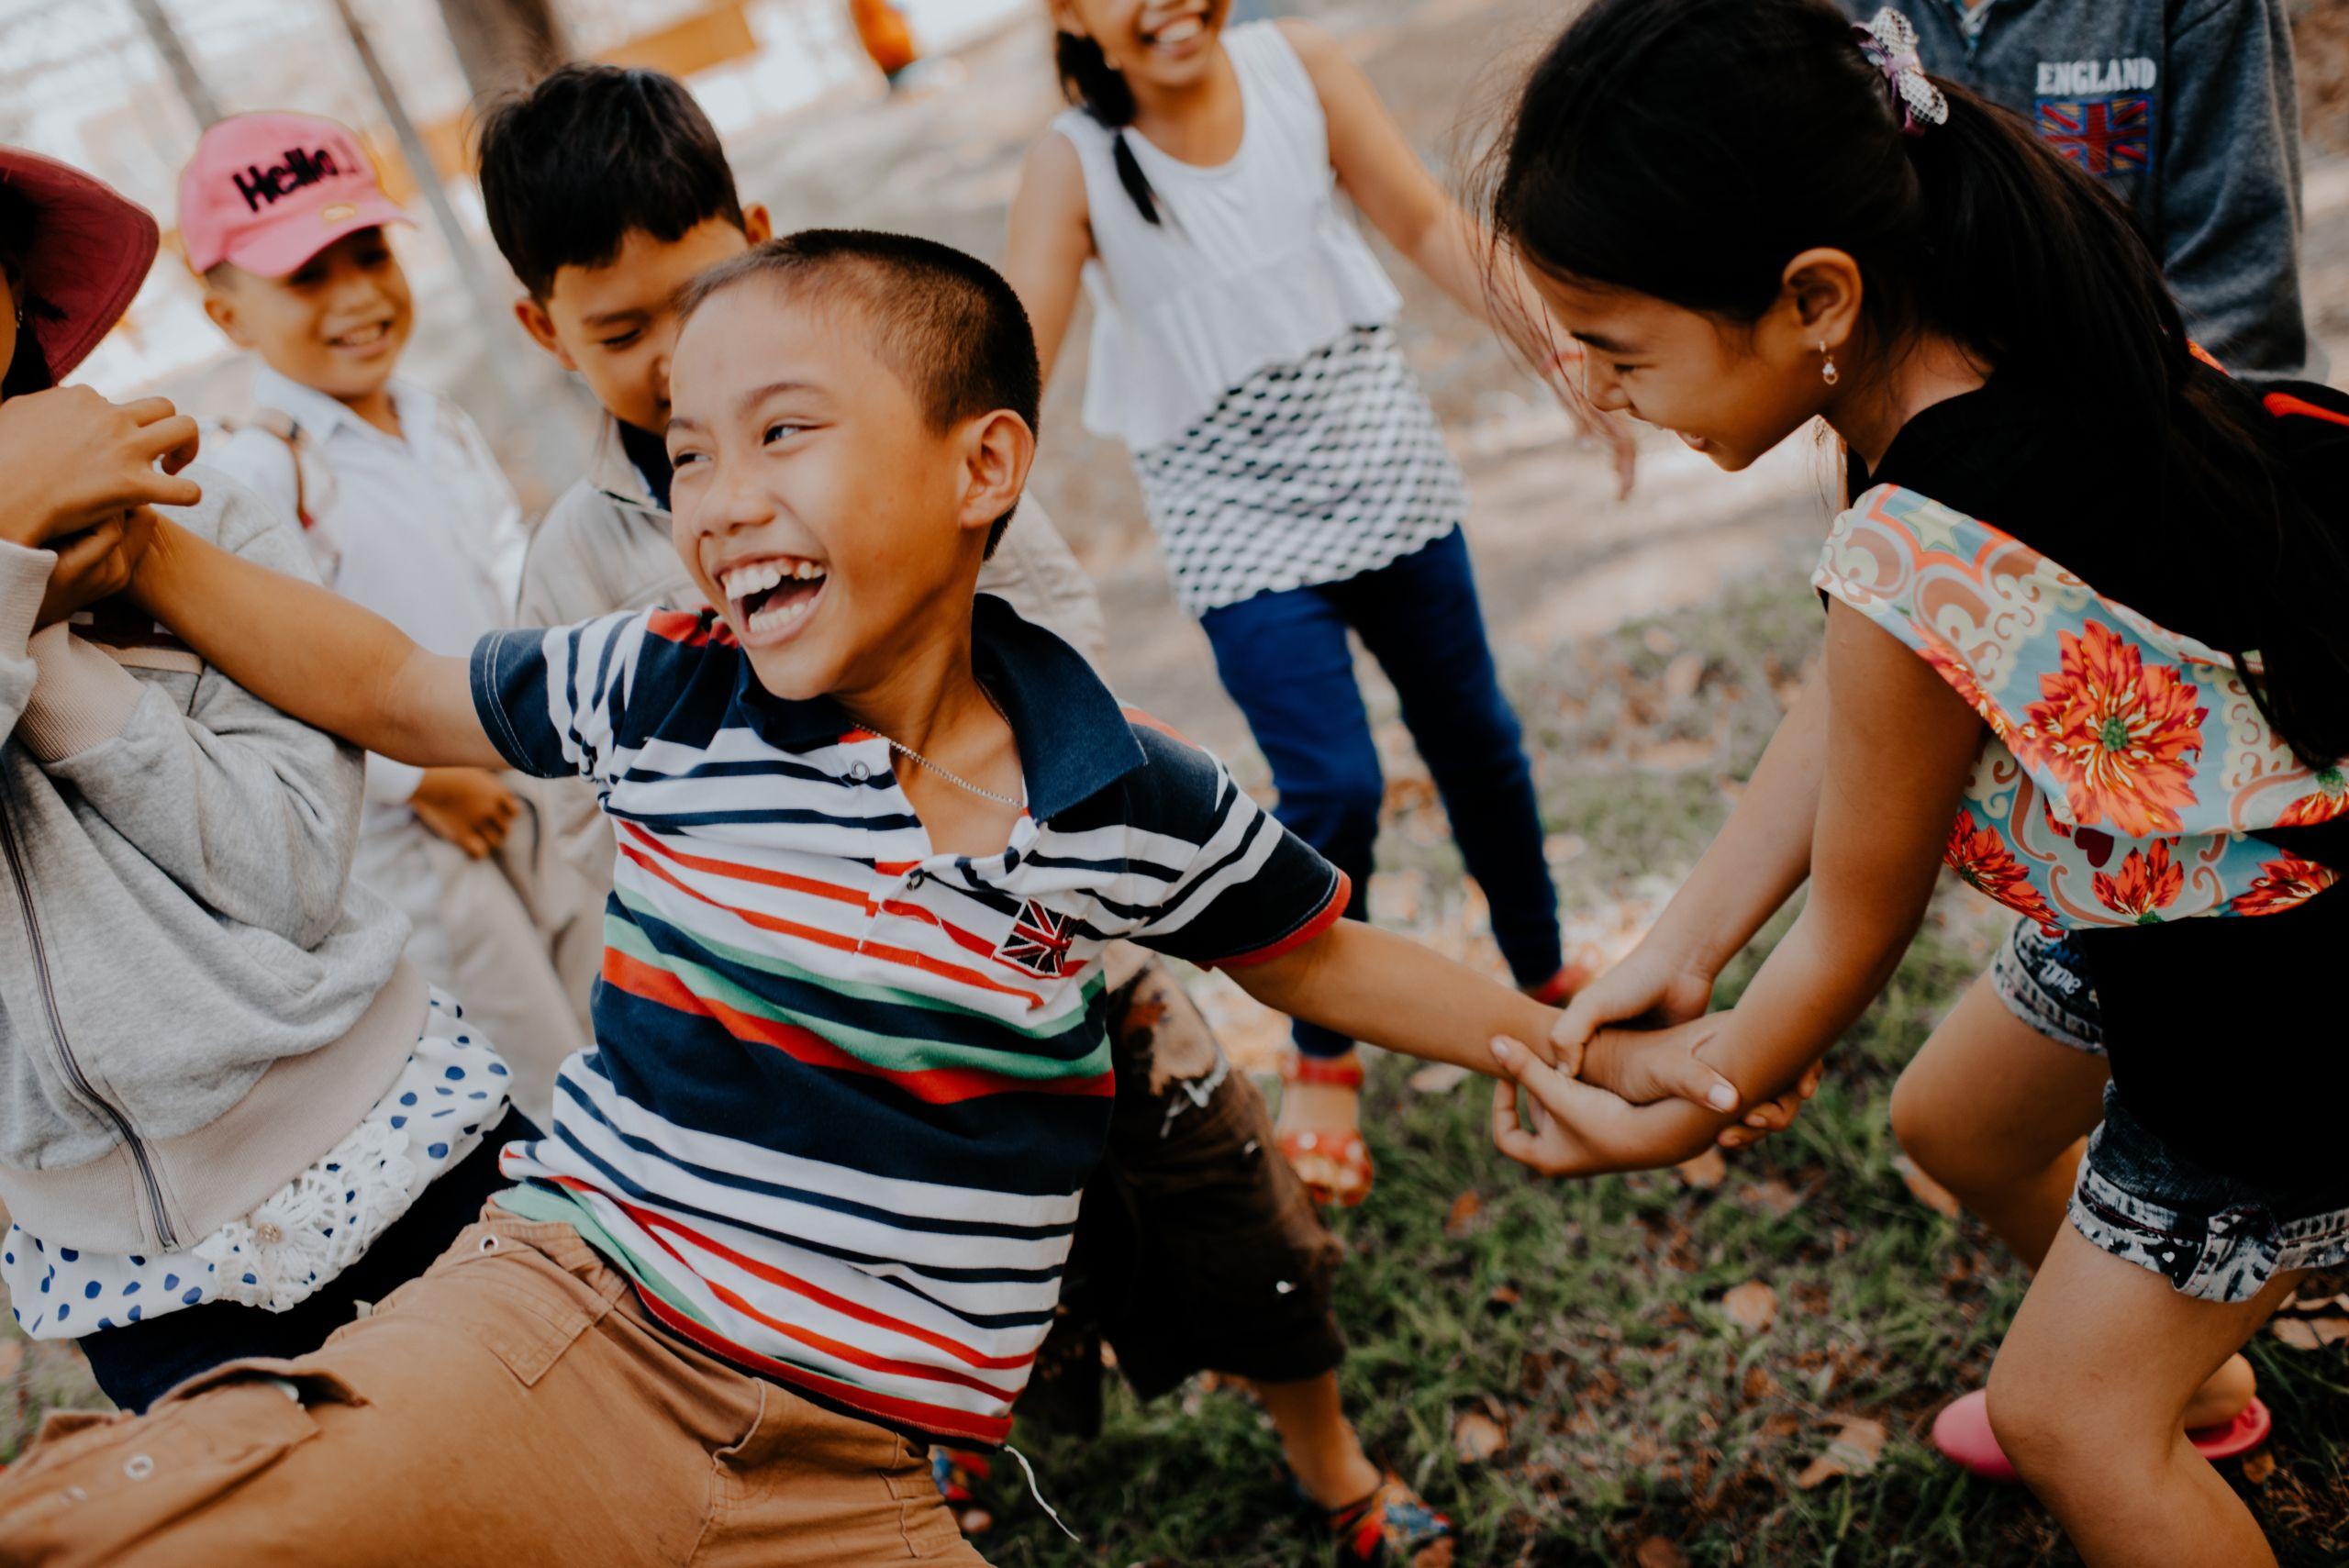 Musikkurse für Kinder in Fürth - ein Mädchen streckt die Zunge heraus